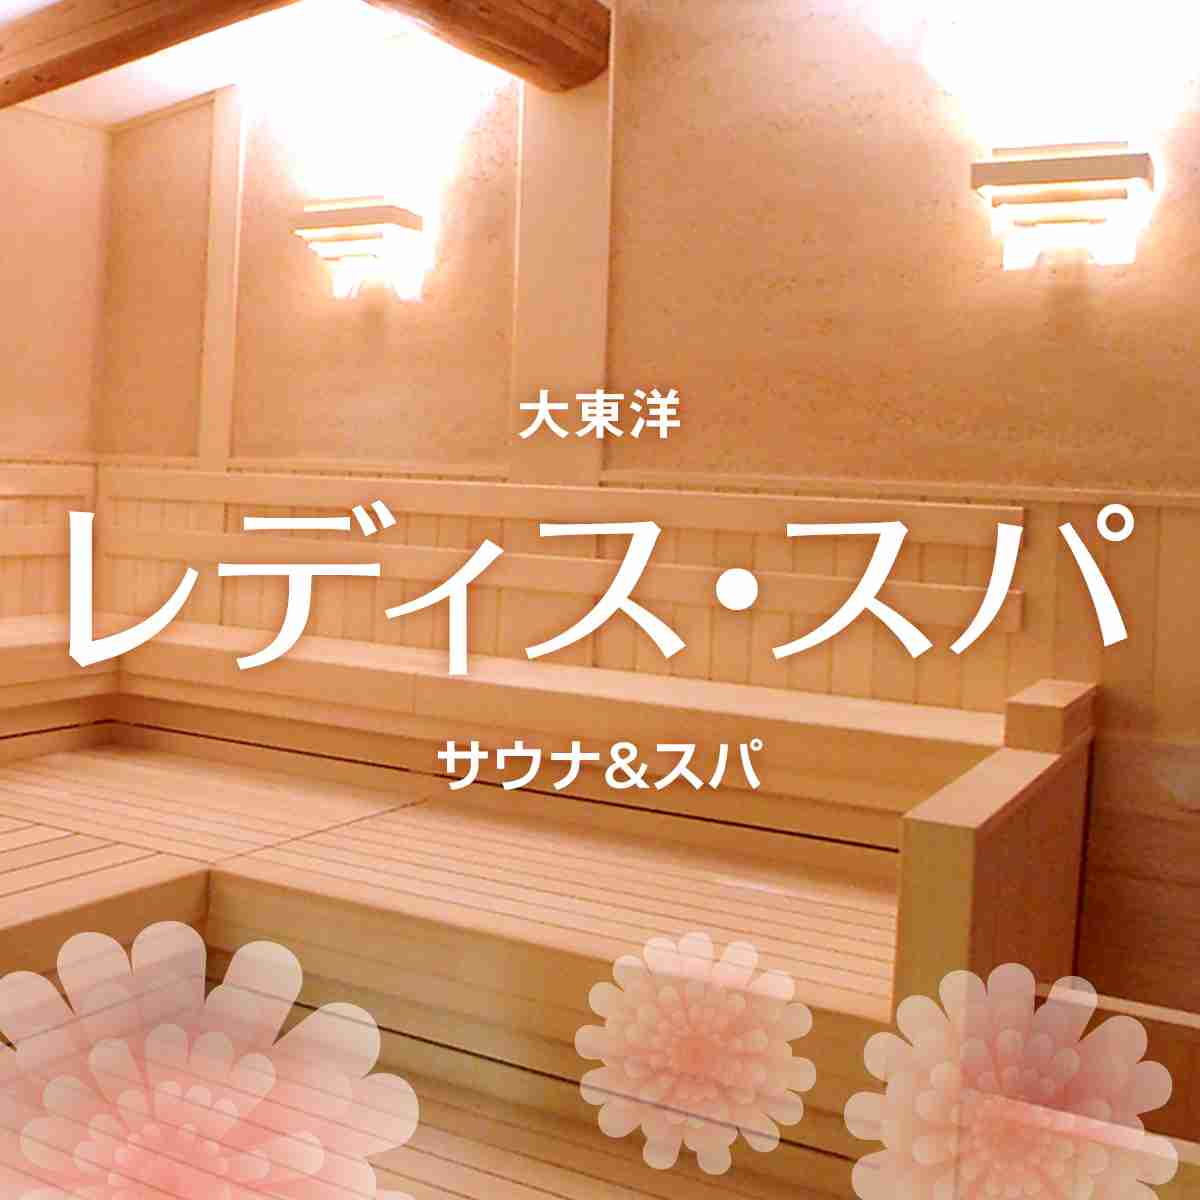 サウナ&スパ大東洋レディス - 梅田の女性専用スパ・温泉なら